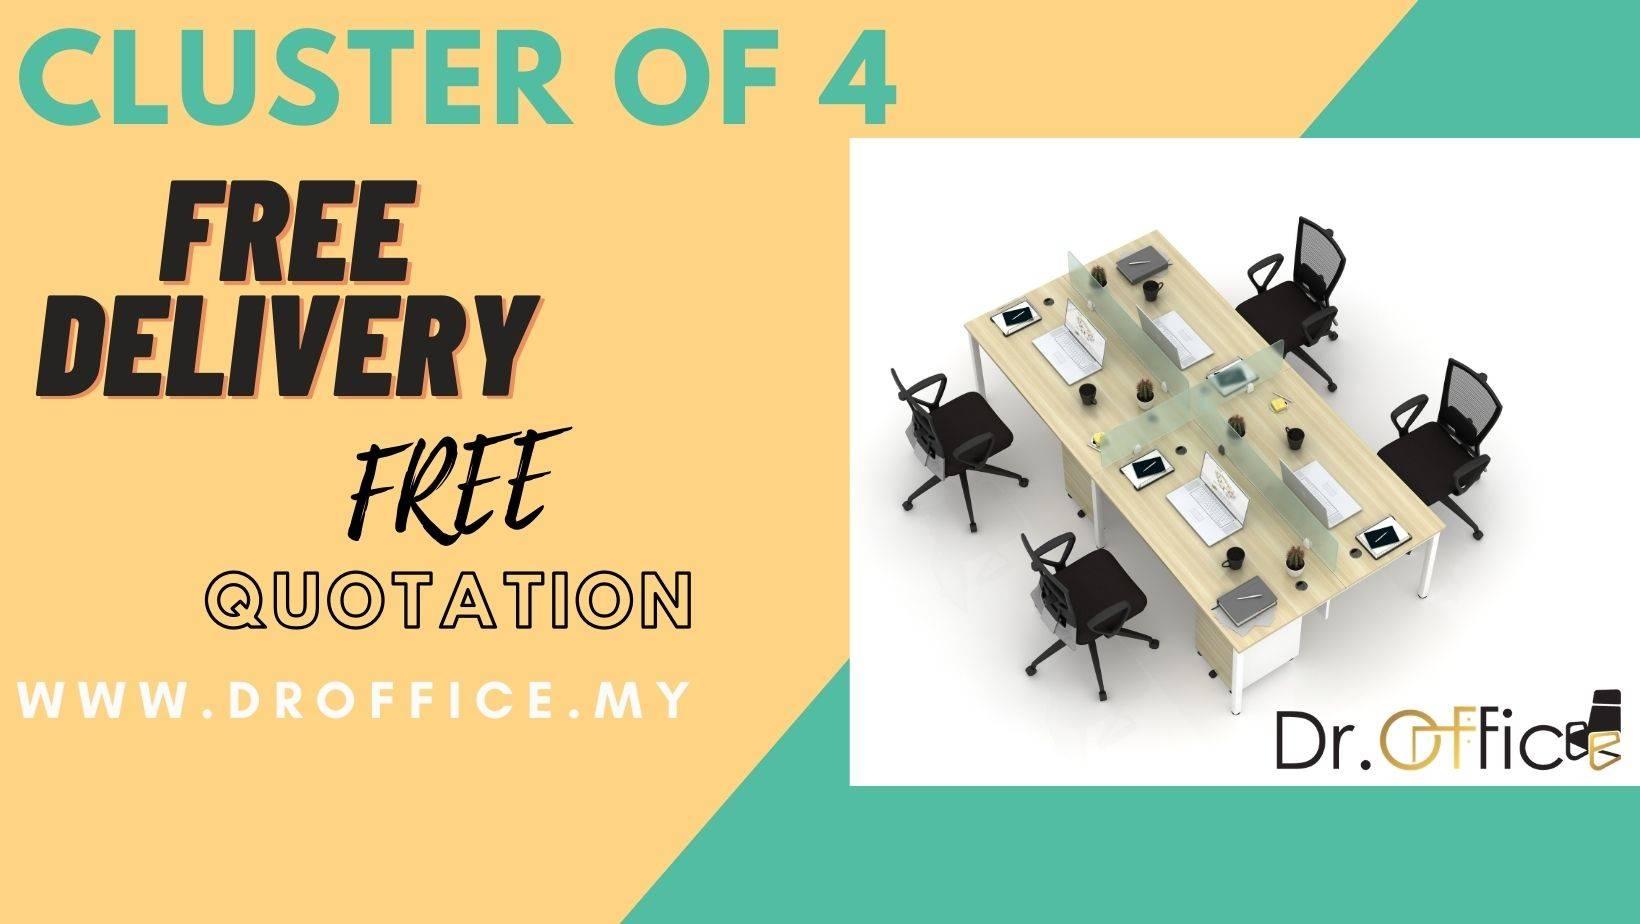 CLUSTER OF4 WORKSTATION